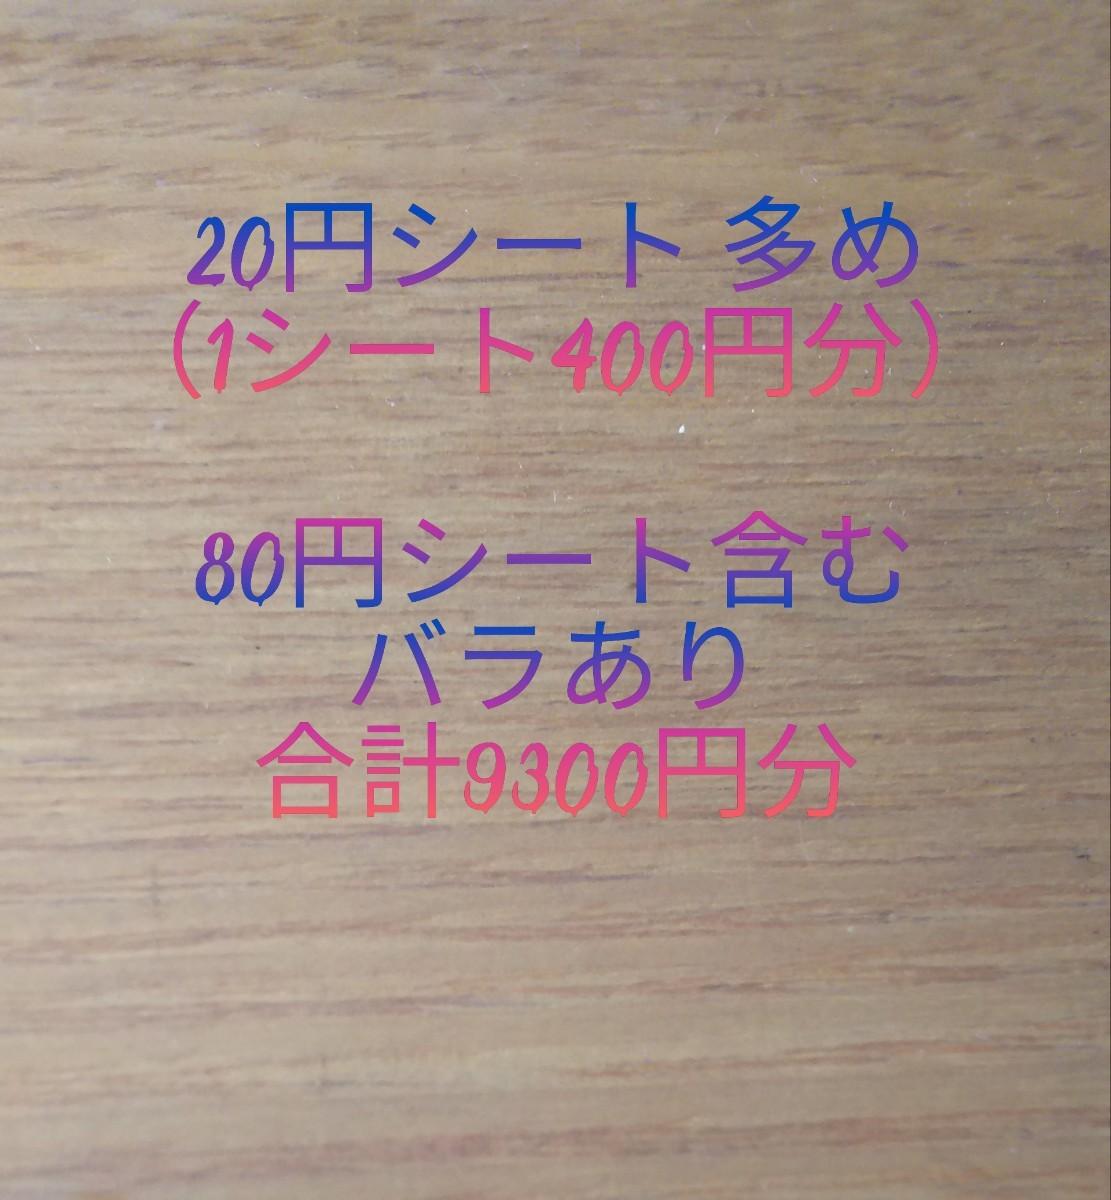 切手 9300円分  20円切手シート多め 80円シートあり バラ切手